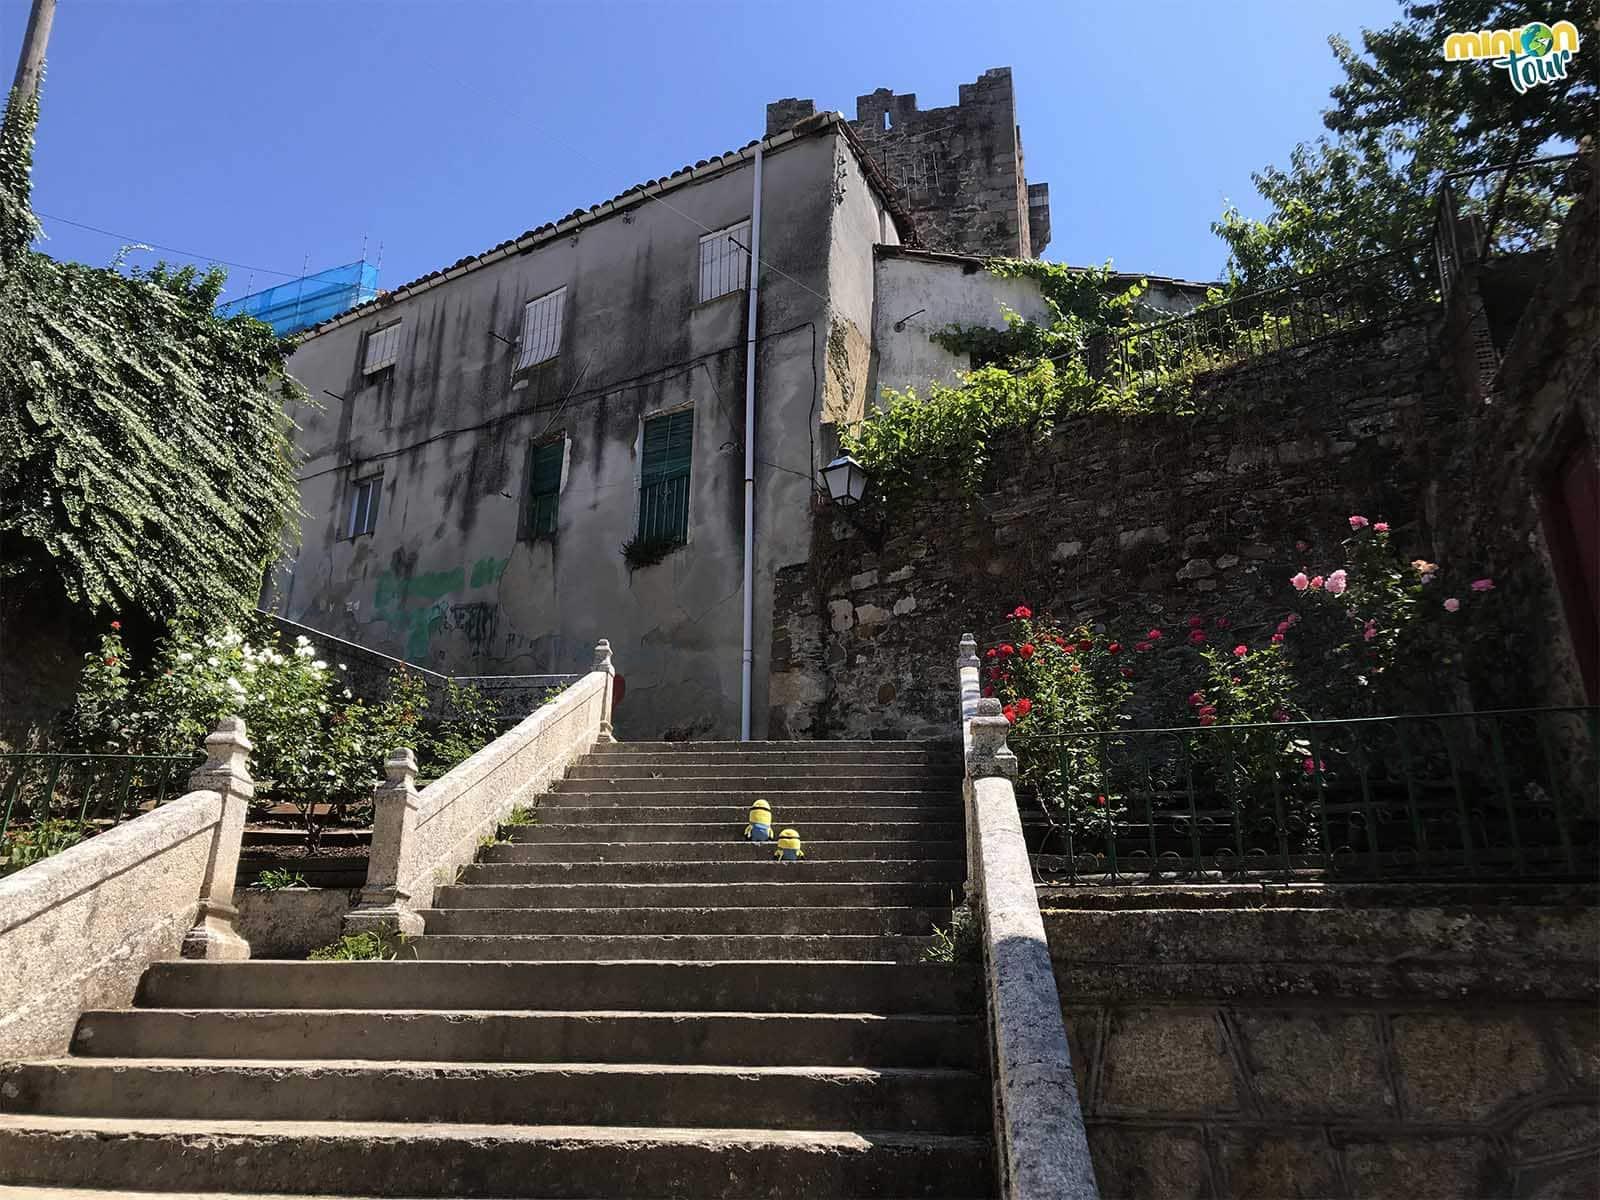 Un rinconcito chulo que ver en Monforte de Lemos